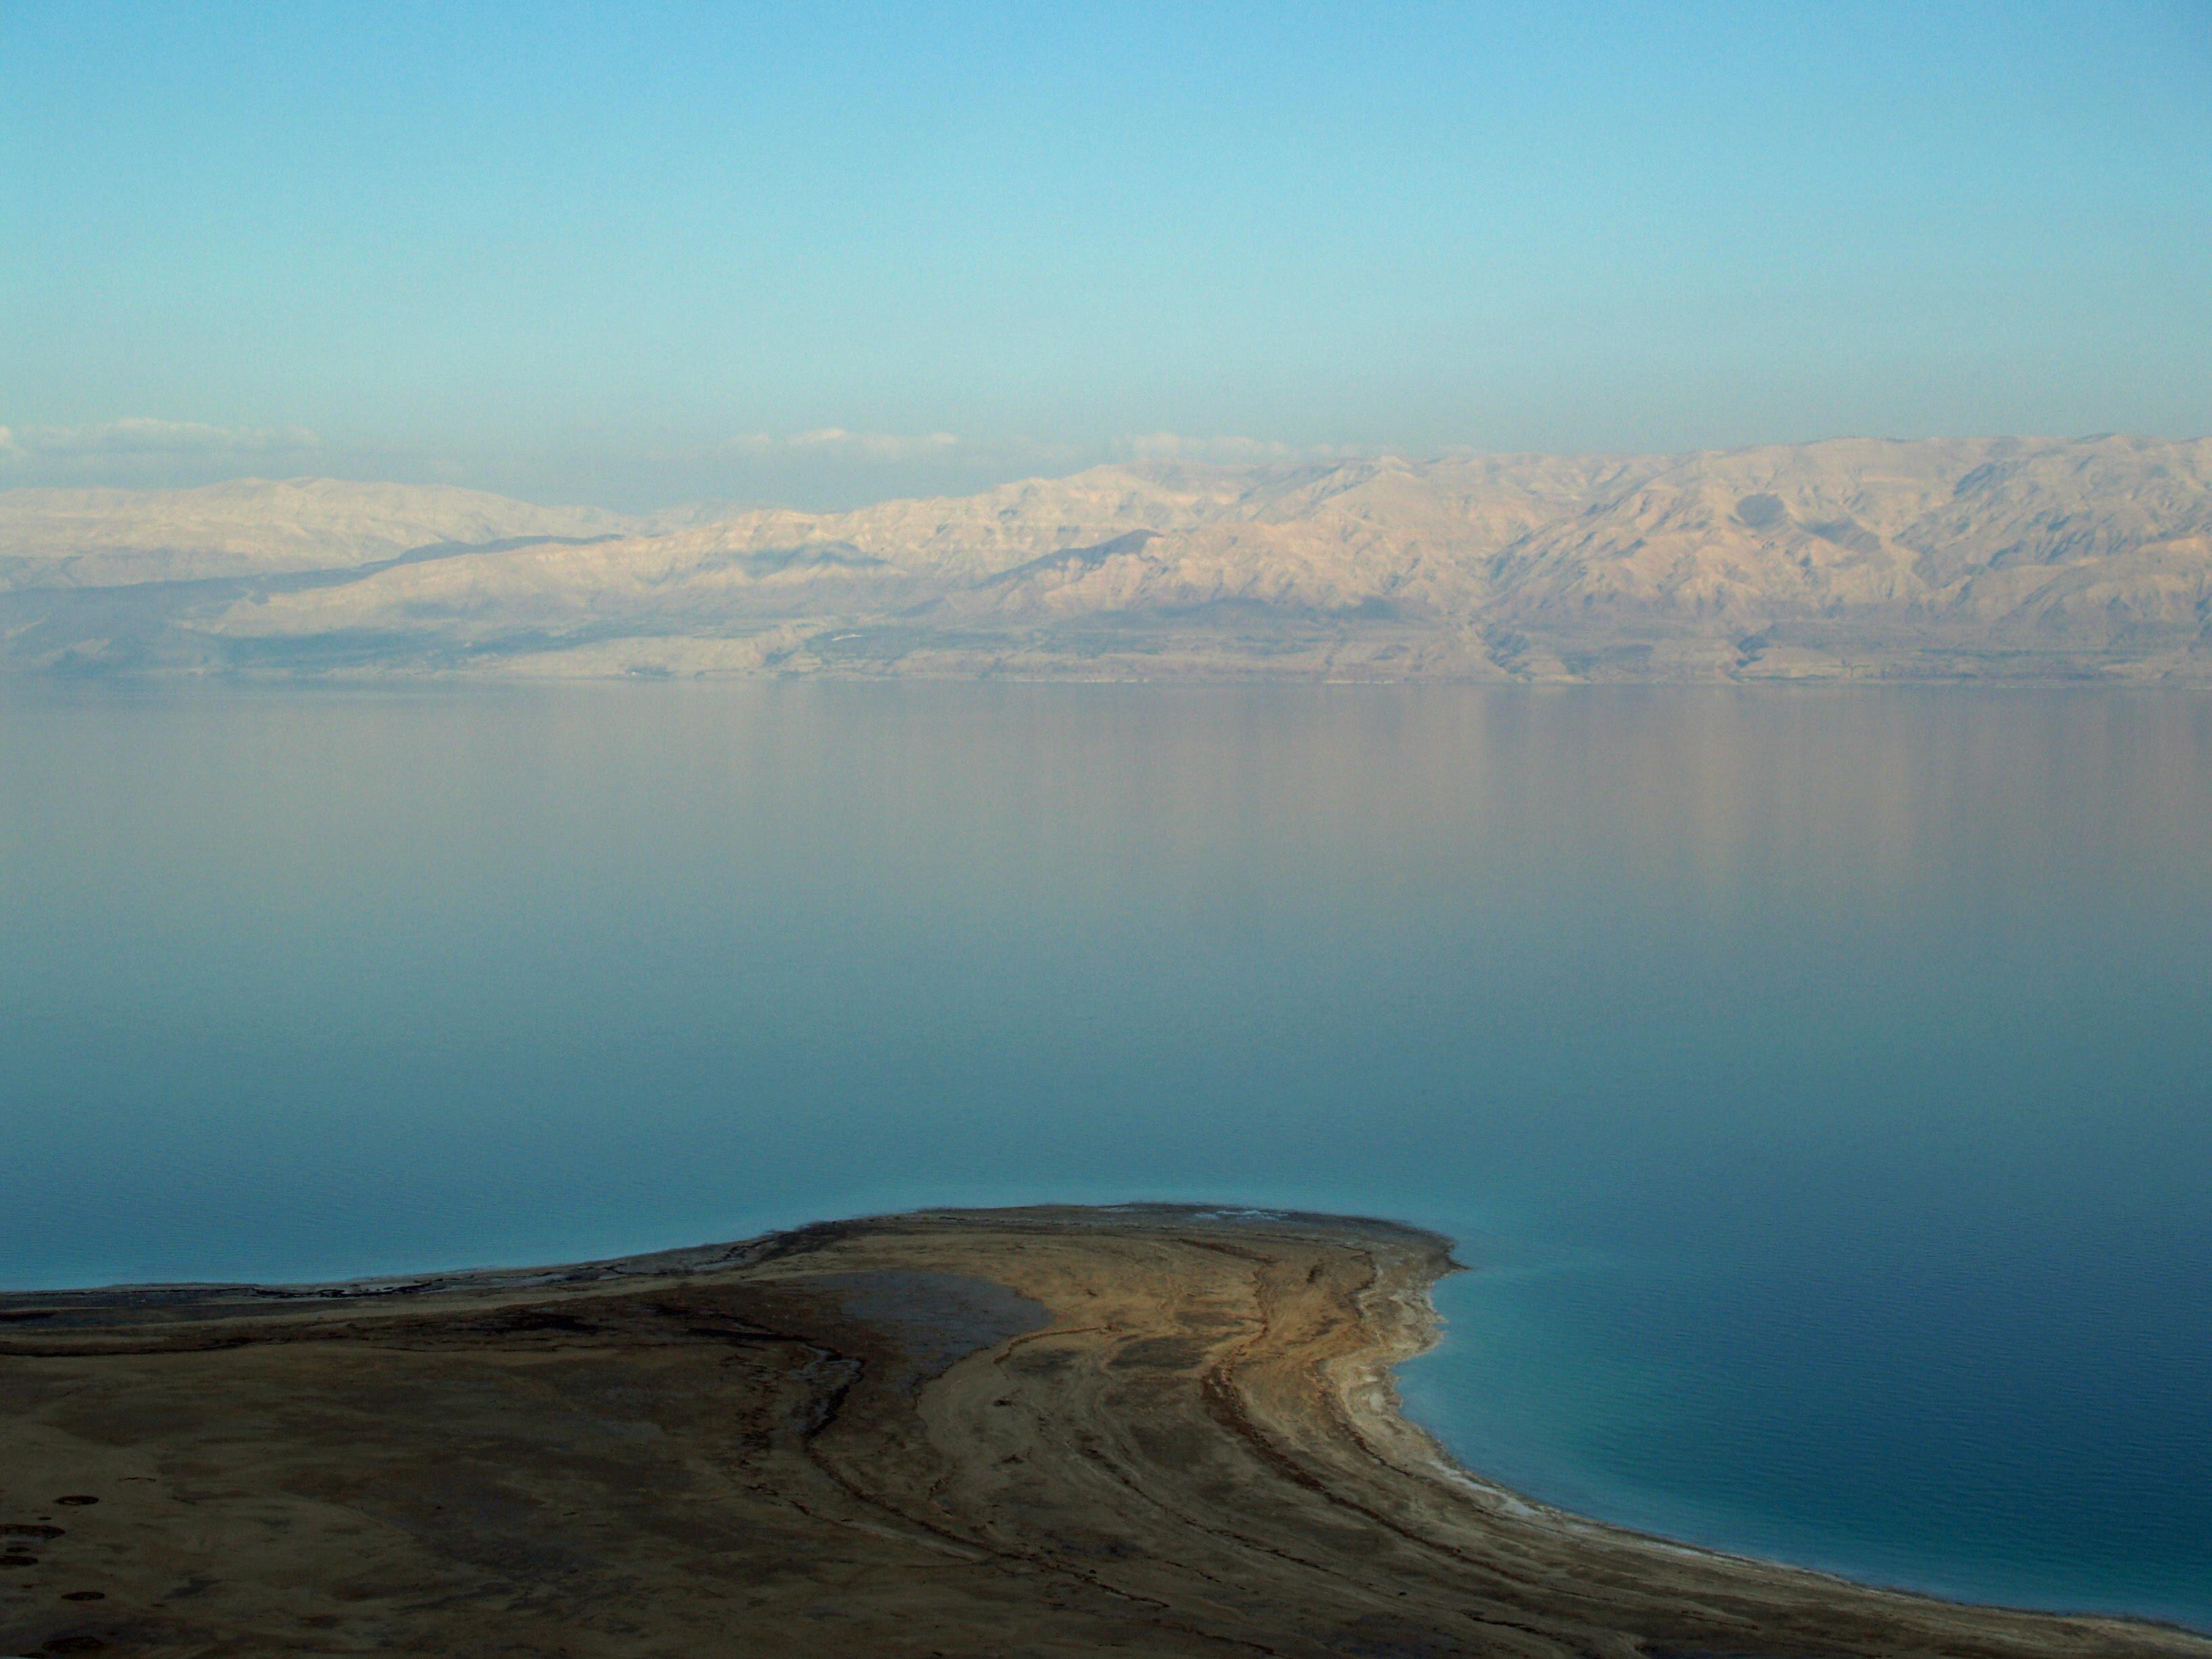 http://upload.wikimedia.org/wikipedia/commons/2/21/Dead_Sea_by_David_Shankbone.jpg